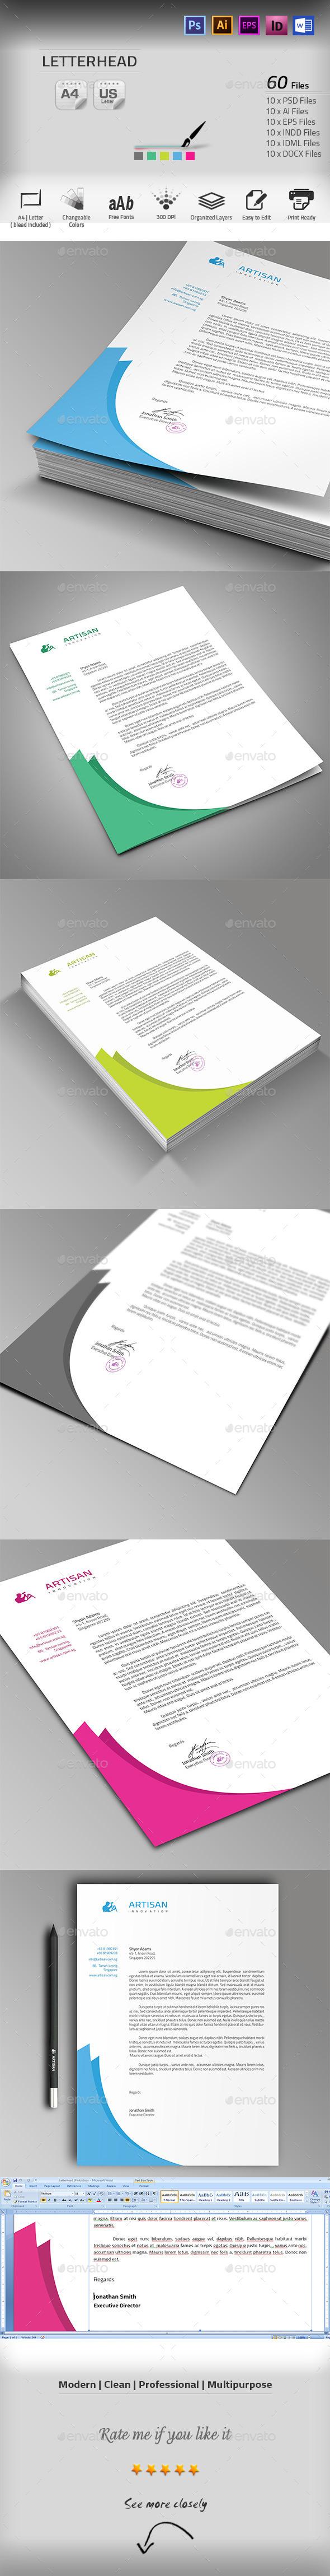 GraphicRiver Letterhead 10102932